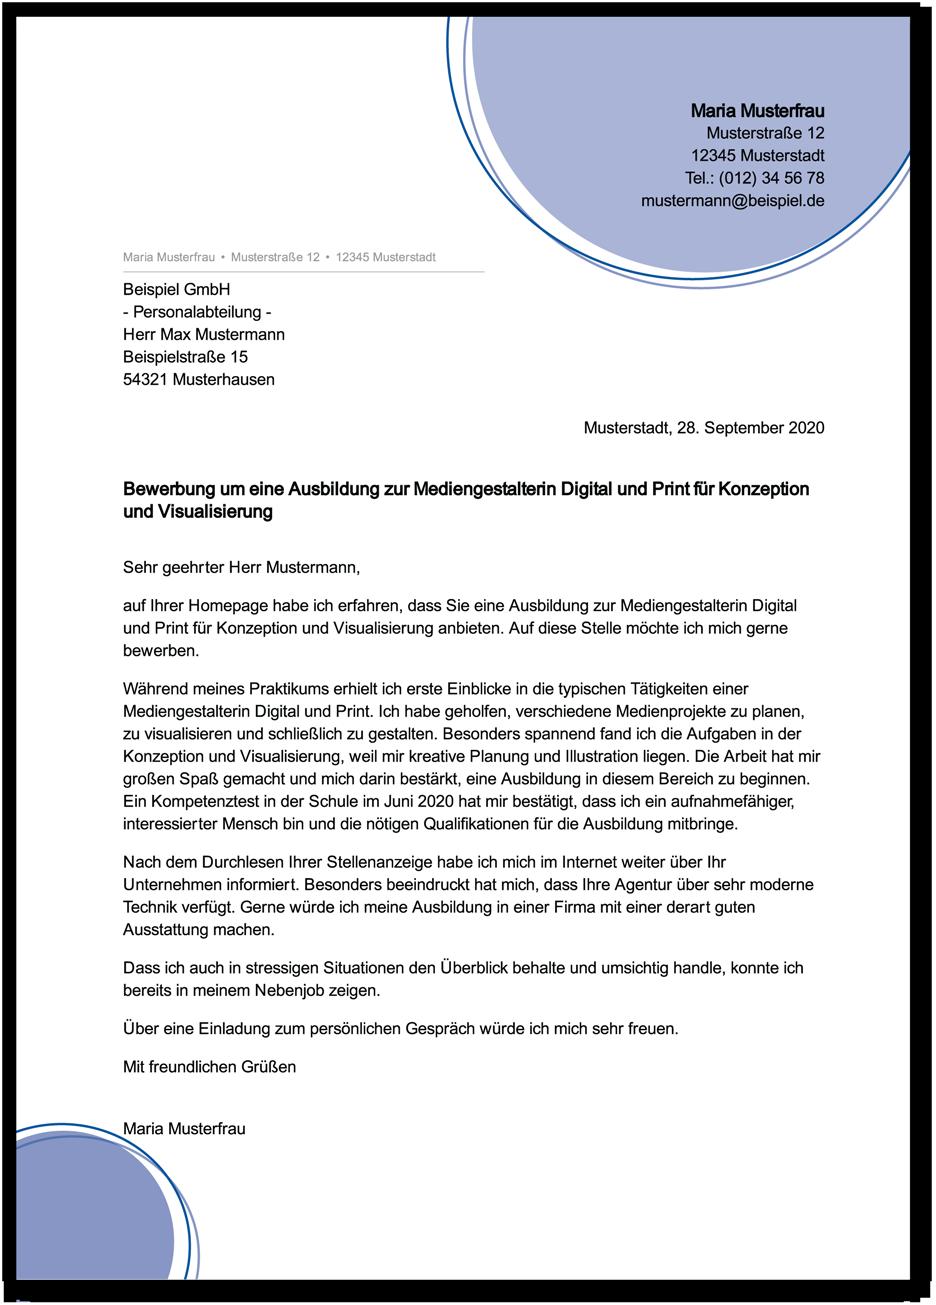 Bewerbung Mediengestalter Digital Print Ungekundigt 11